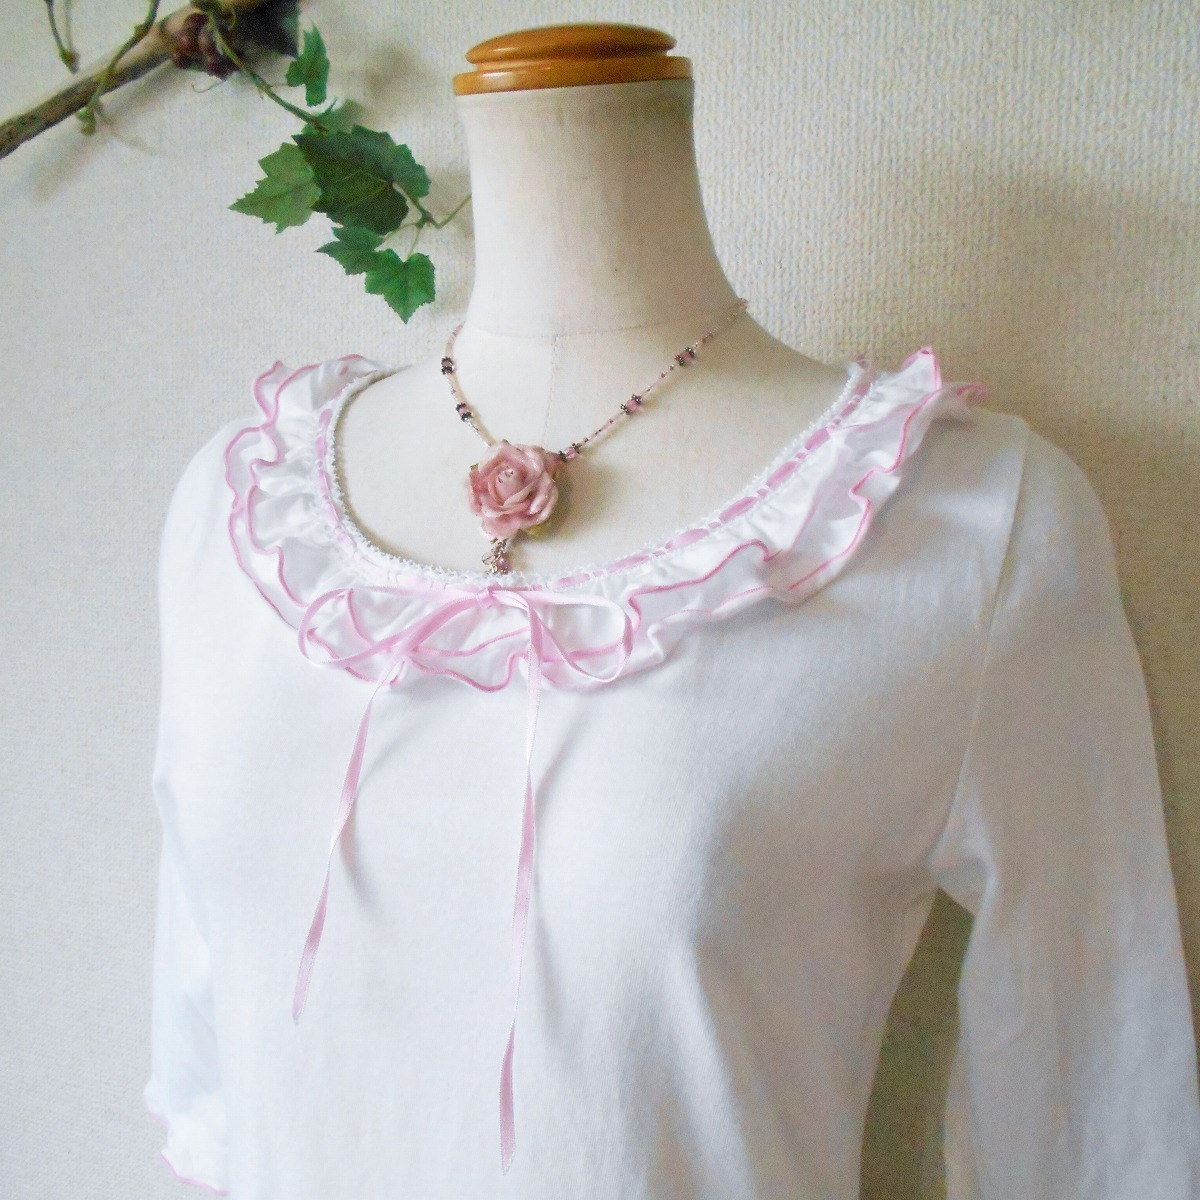 レストローズ LEST ROSE はしご リボン & フリル の 可愛い 7分袖 カットソー 日本製 M_画像3